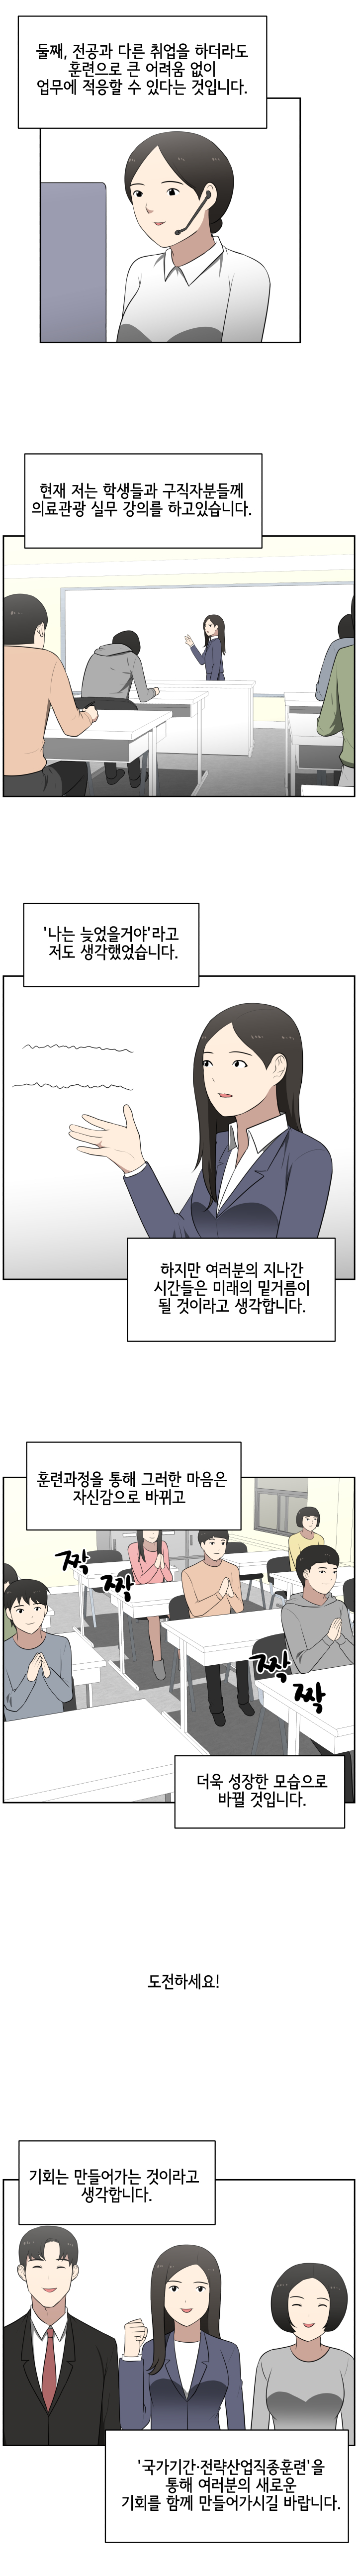 최우수상_008.jpg